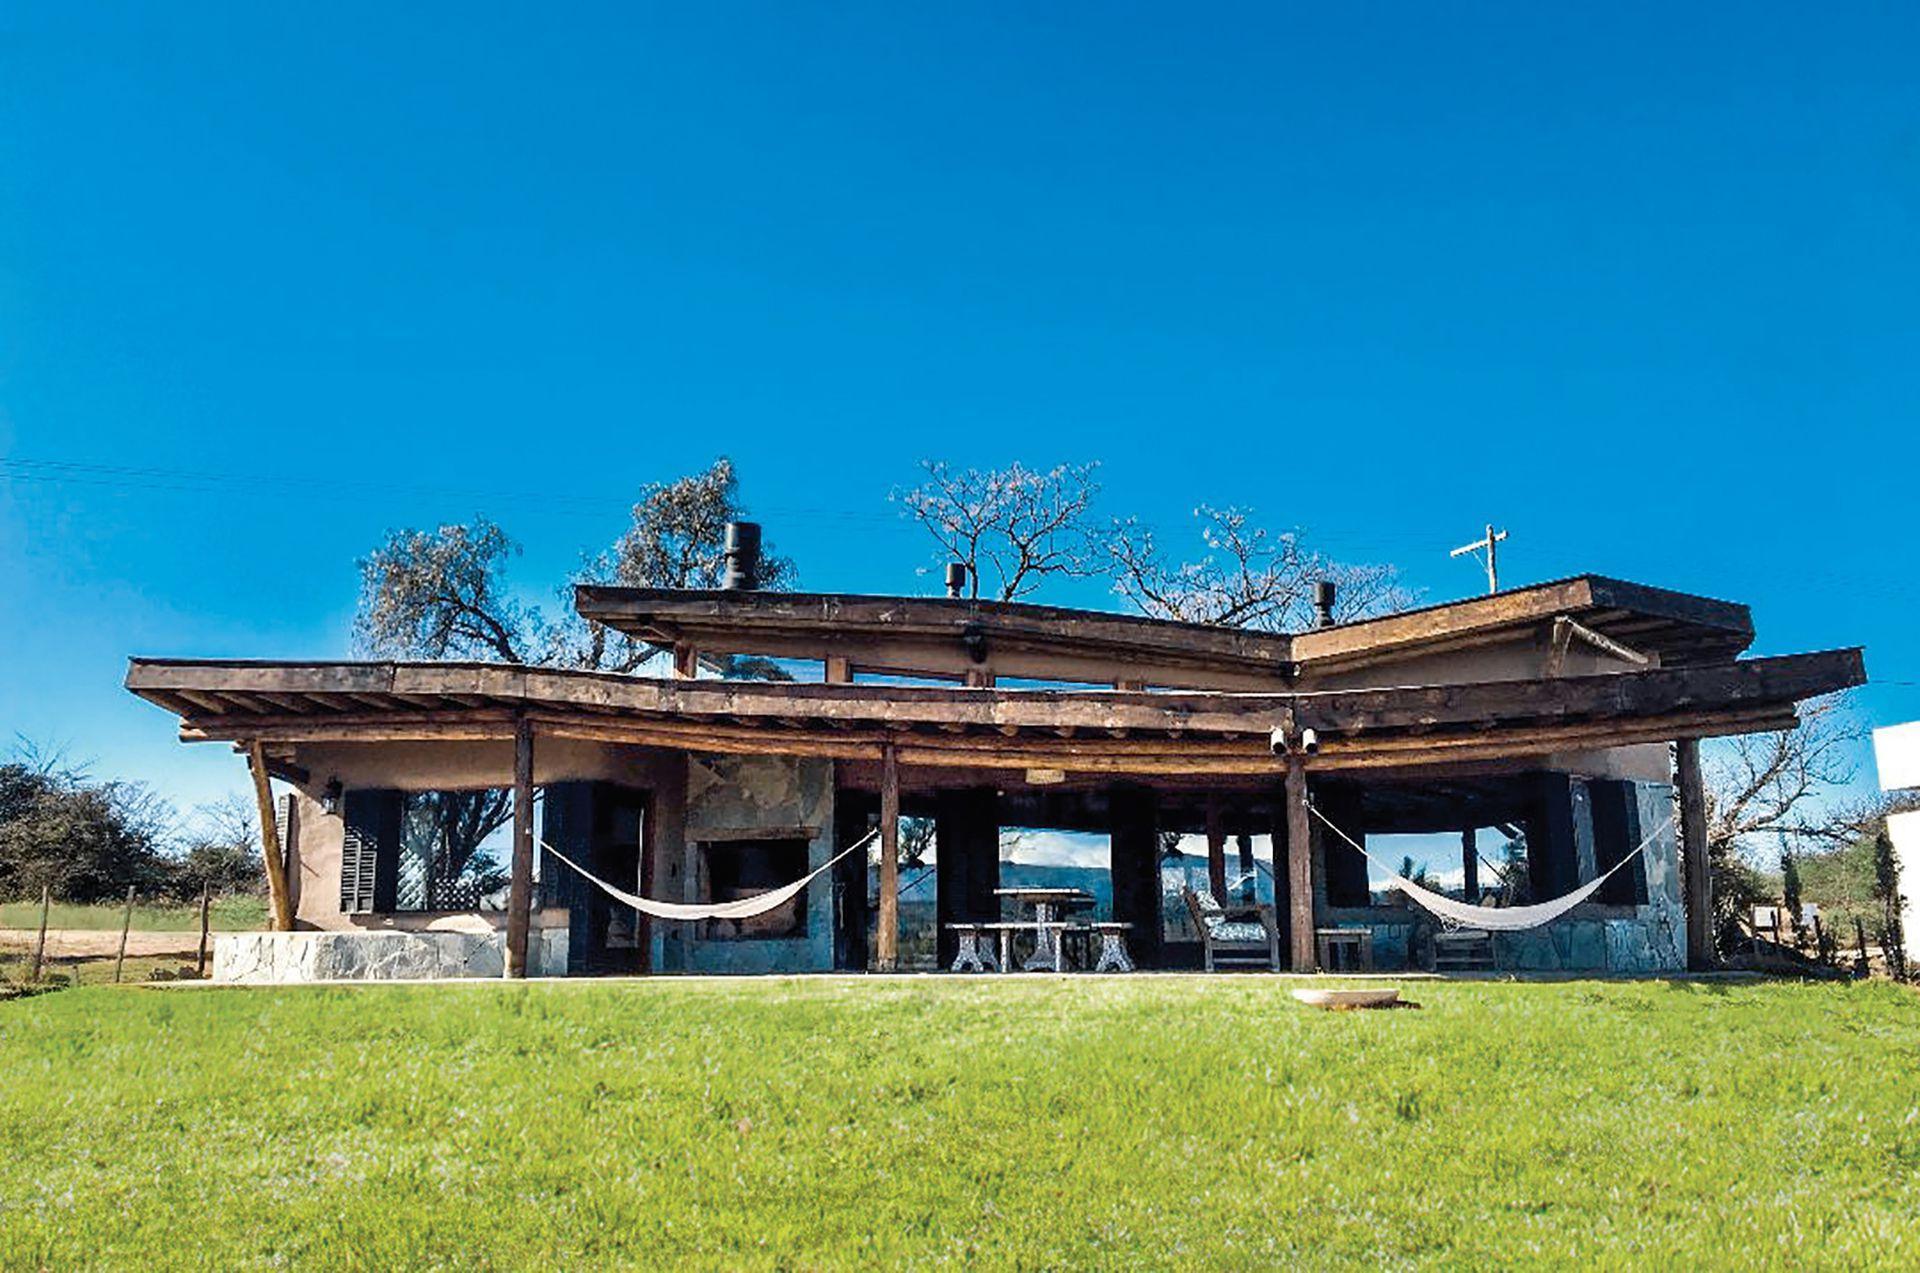 Casa de quincha en Córdoba, estudio Hombre de Barro. Gentileza: Alojamiento Ojo de Perdiz.